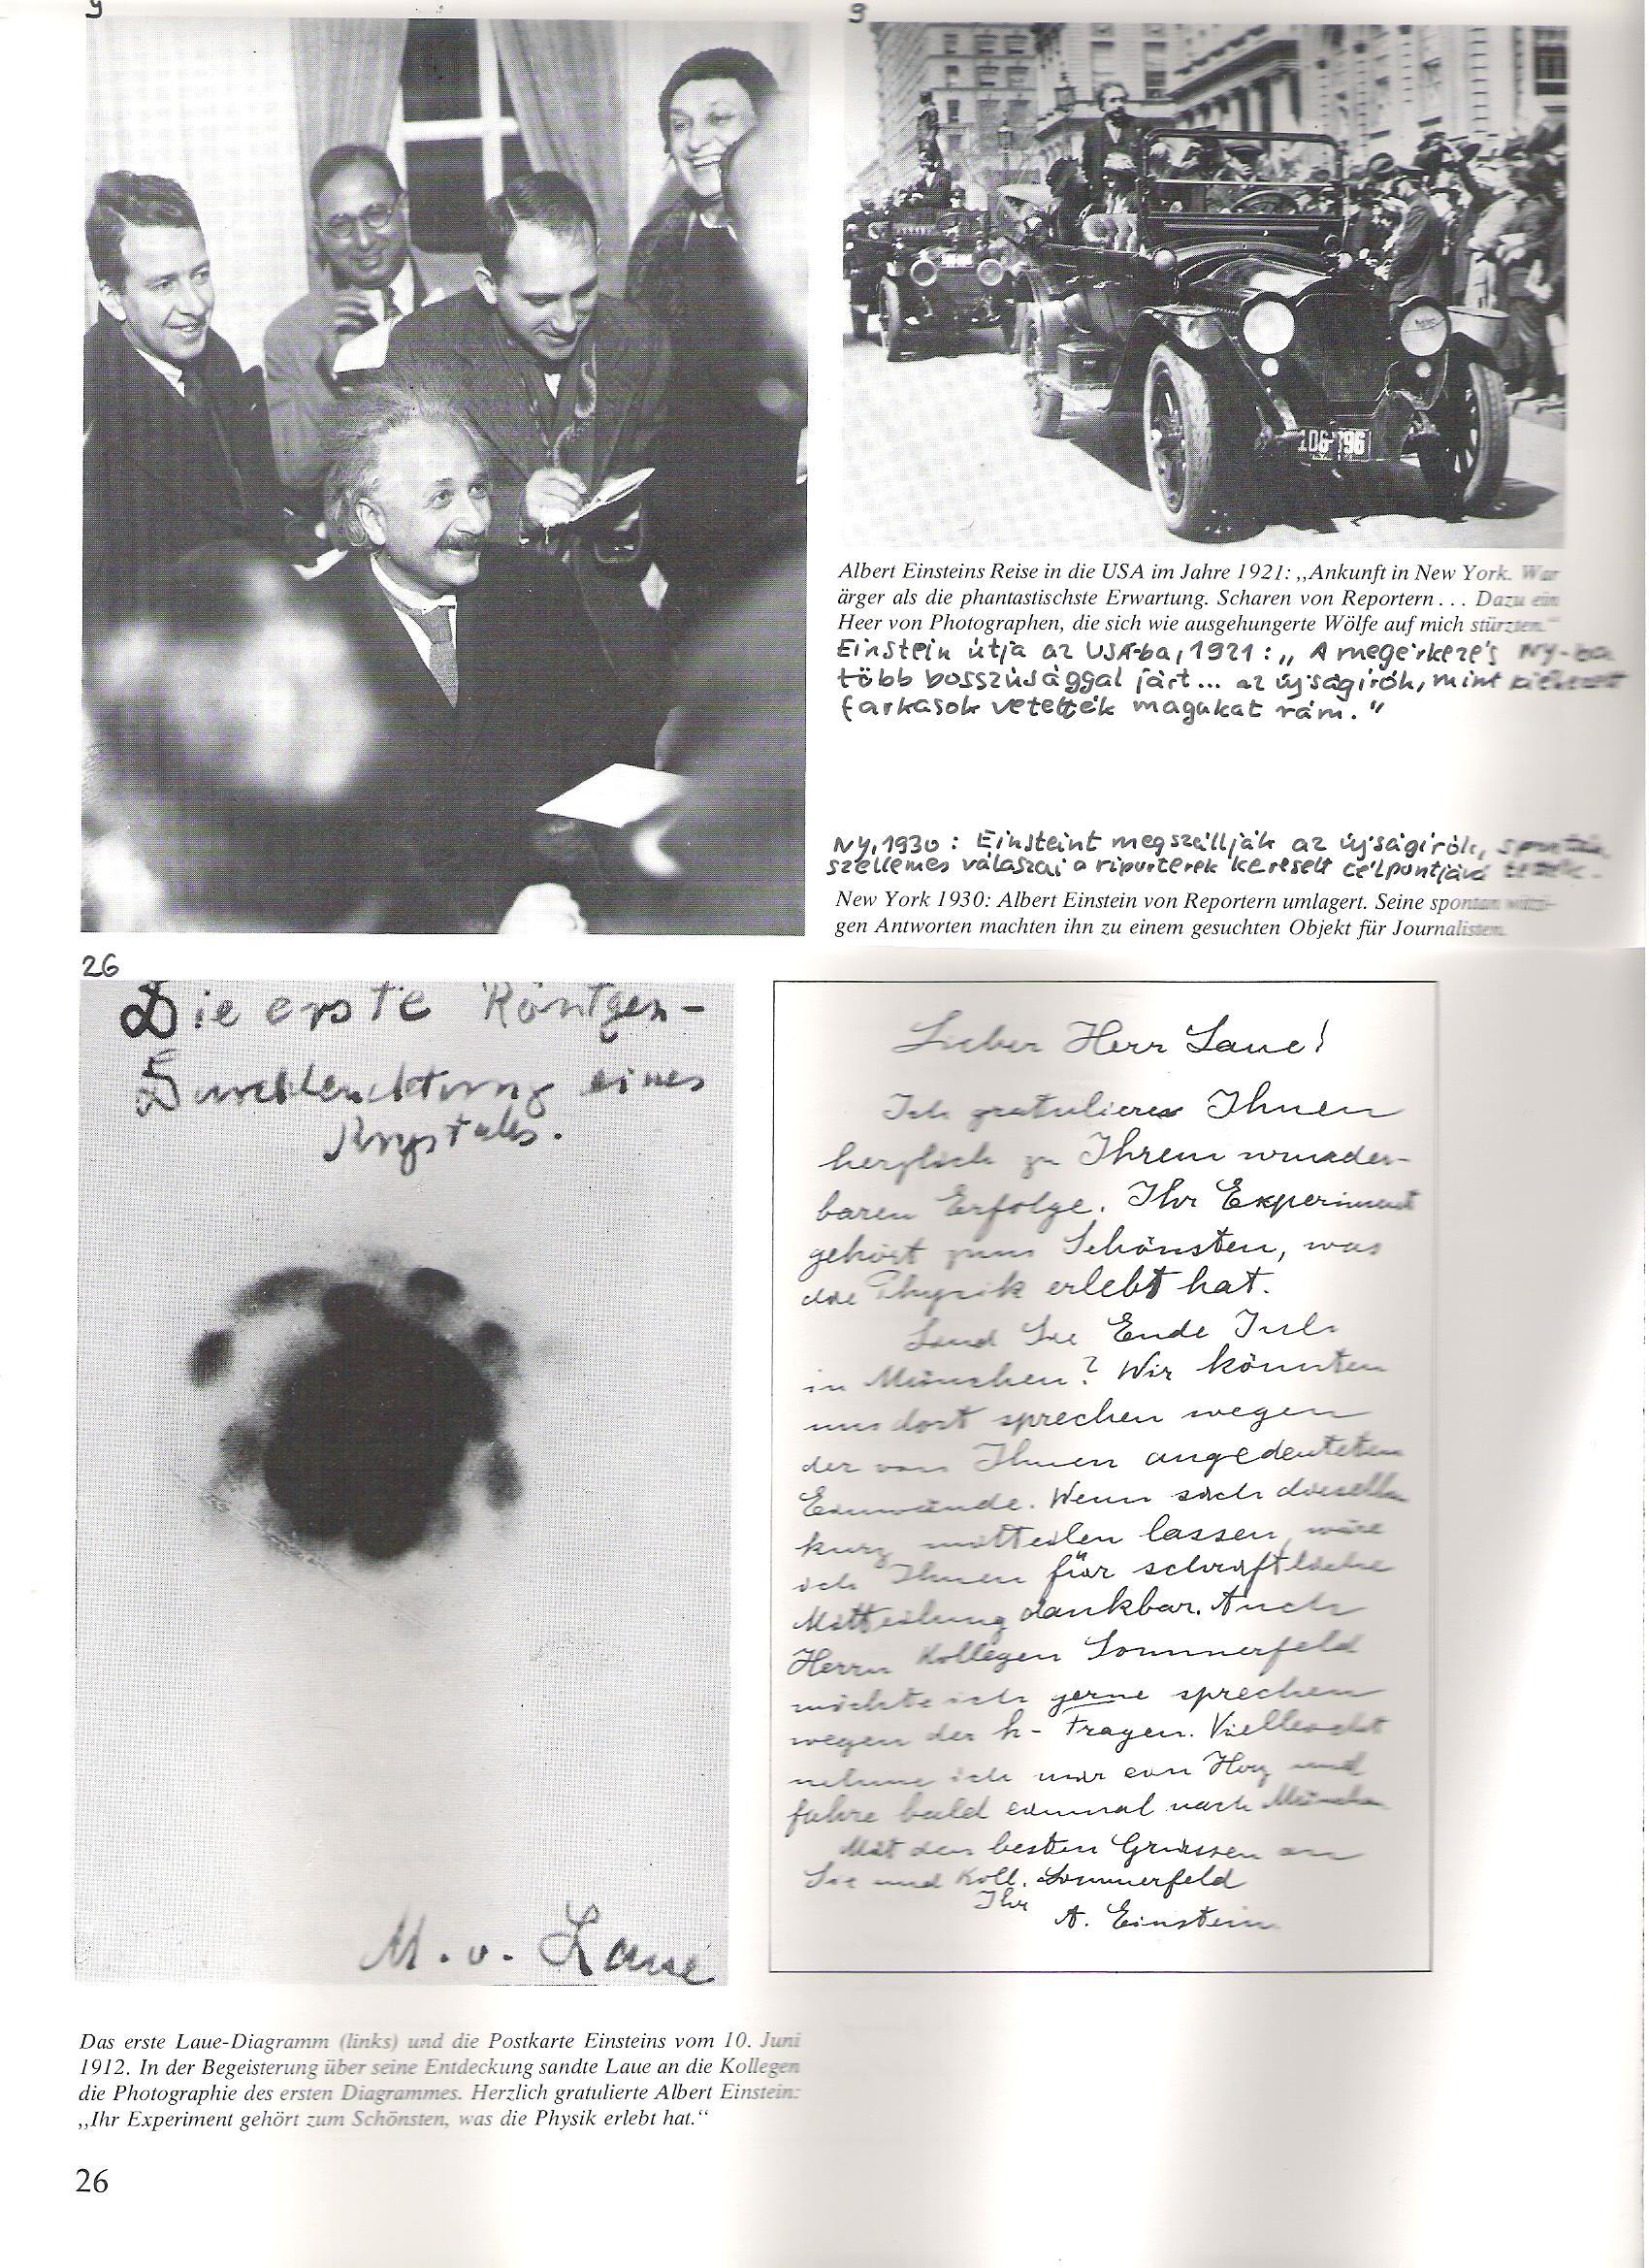 """Az első Laue-diagram és Einstein levlapja, 1912. jún.12-én. Laue lelkesülten küldött fotókat kollégáinak a fölfedezéséről. Einstein szívből gratulált: """"Az Ön kísérlete a legszebbek közé tartozik, amit a fizika nyújtott."""""""